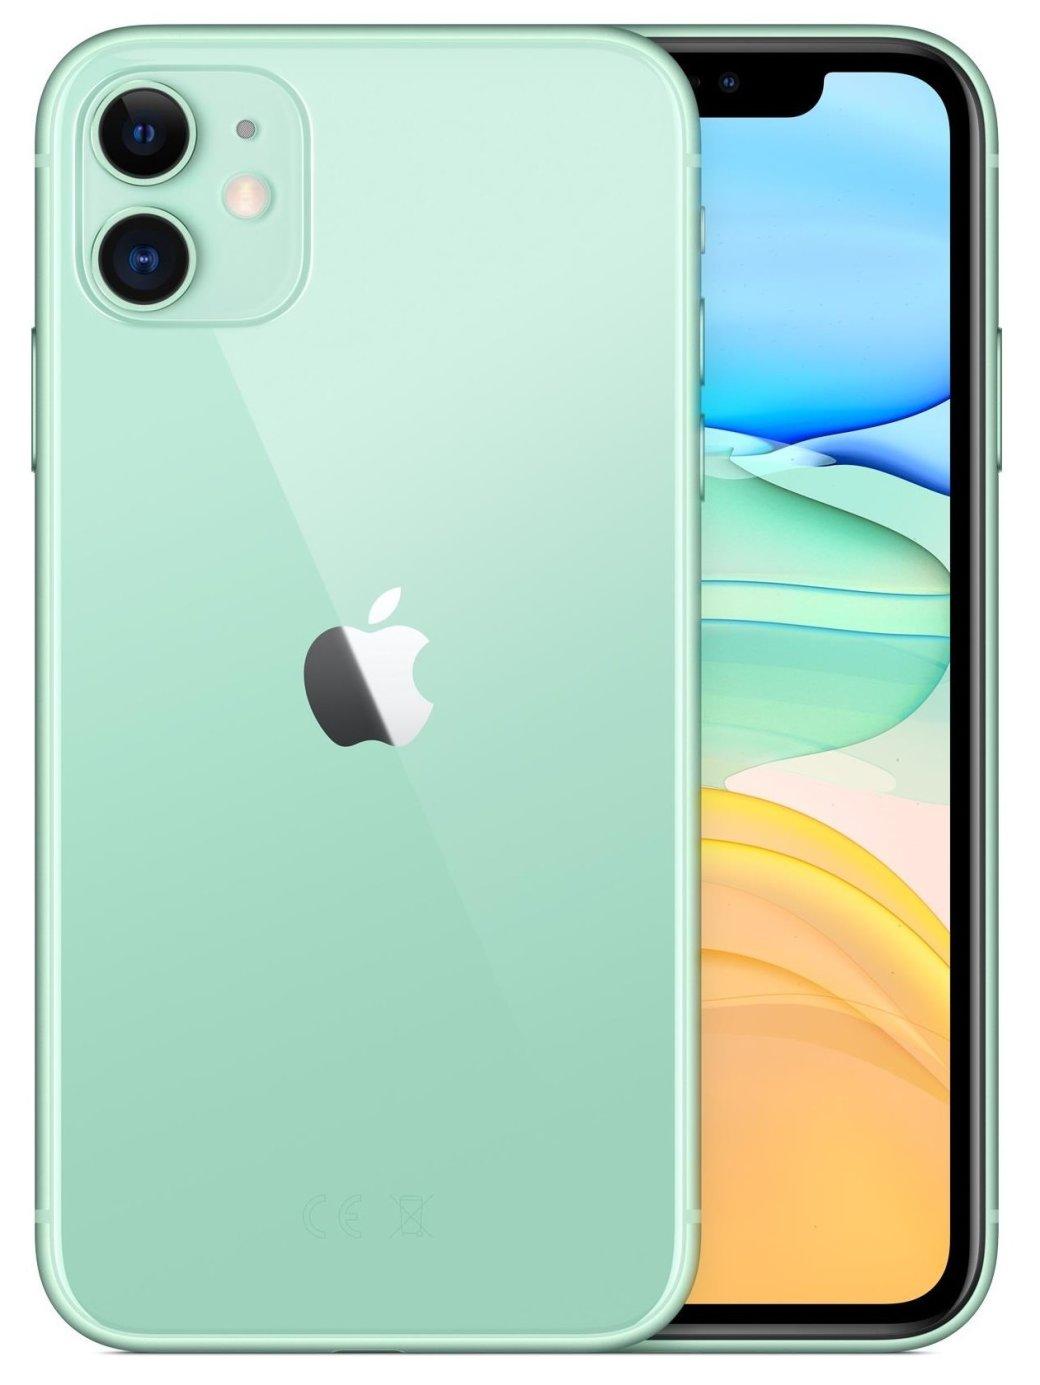 Черная пятница-2019: скидки на лучшие смартфоны, распродажа iPhone 11 и других телефонов | Канобу - Изображение 6493